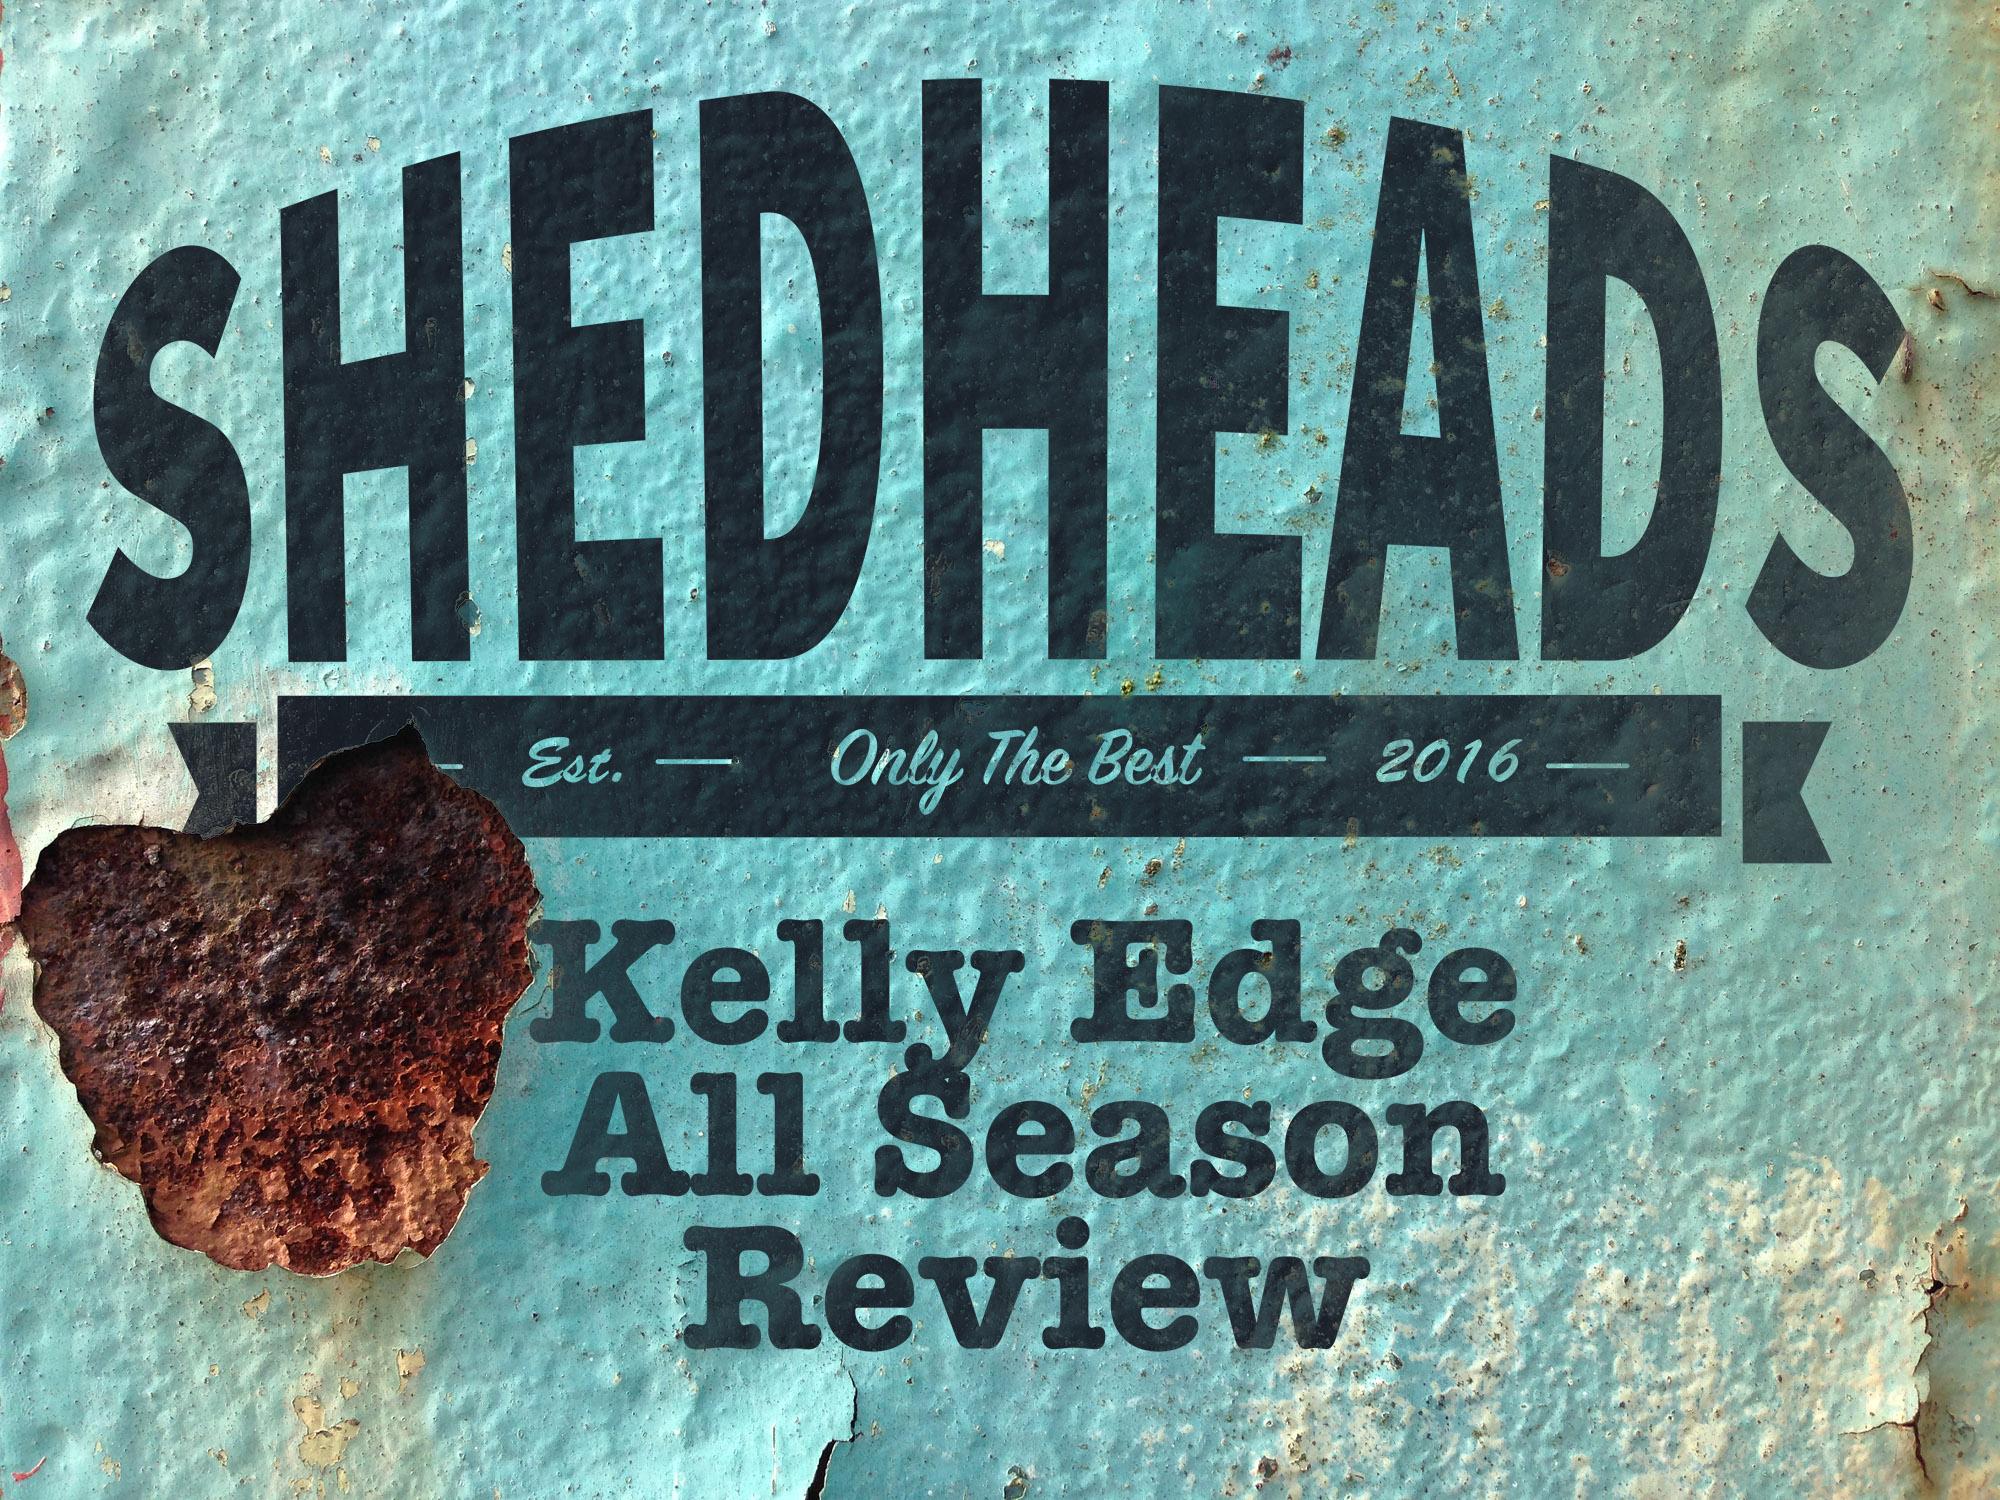 Cheap Cheerful All Season Tire Reviews